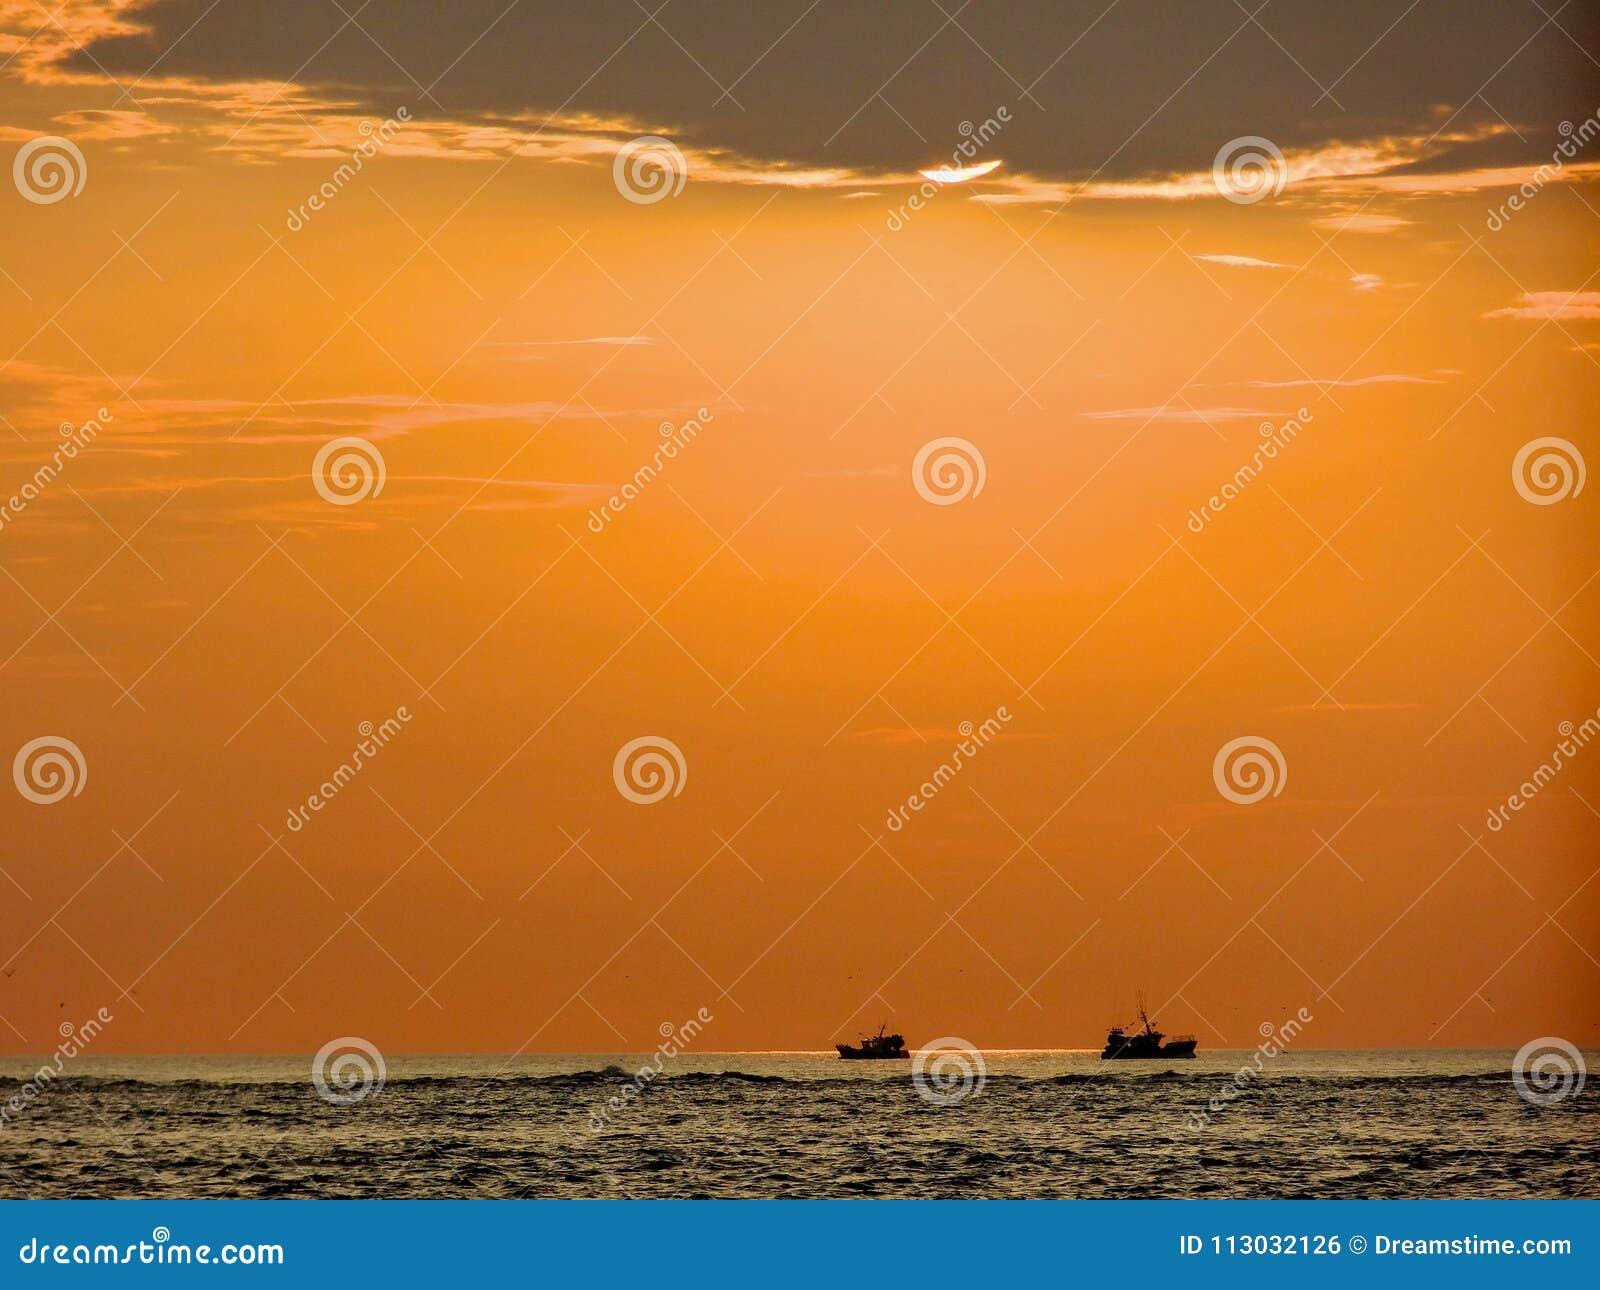 El pescador se prepara antes de la puesta del sol